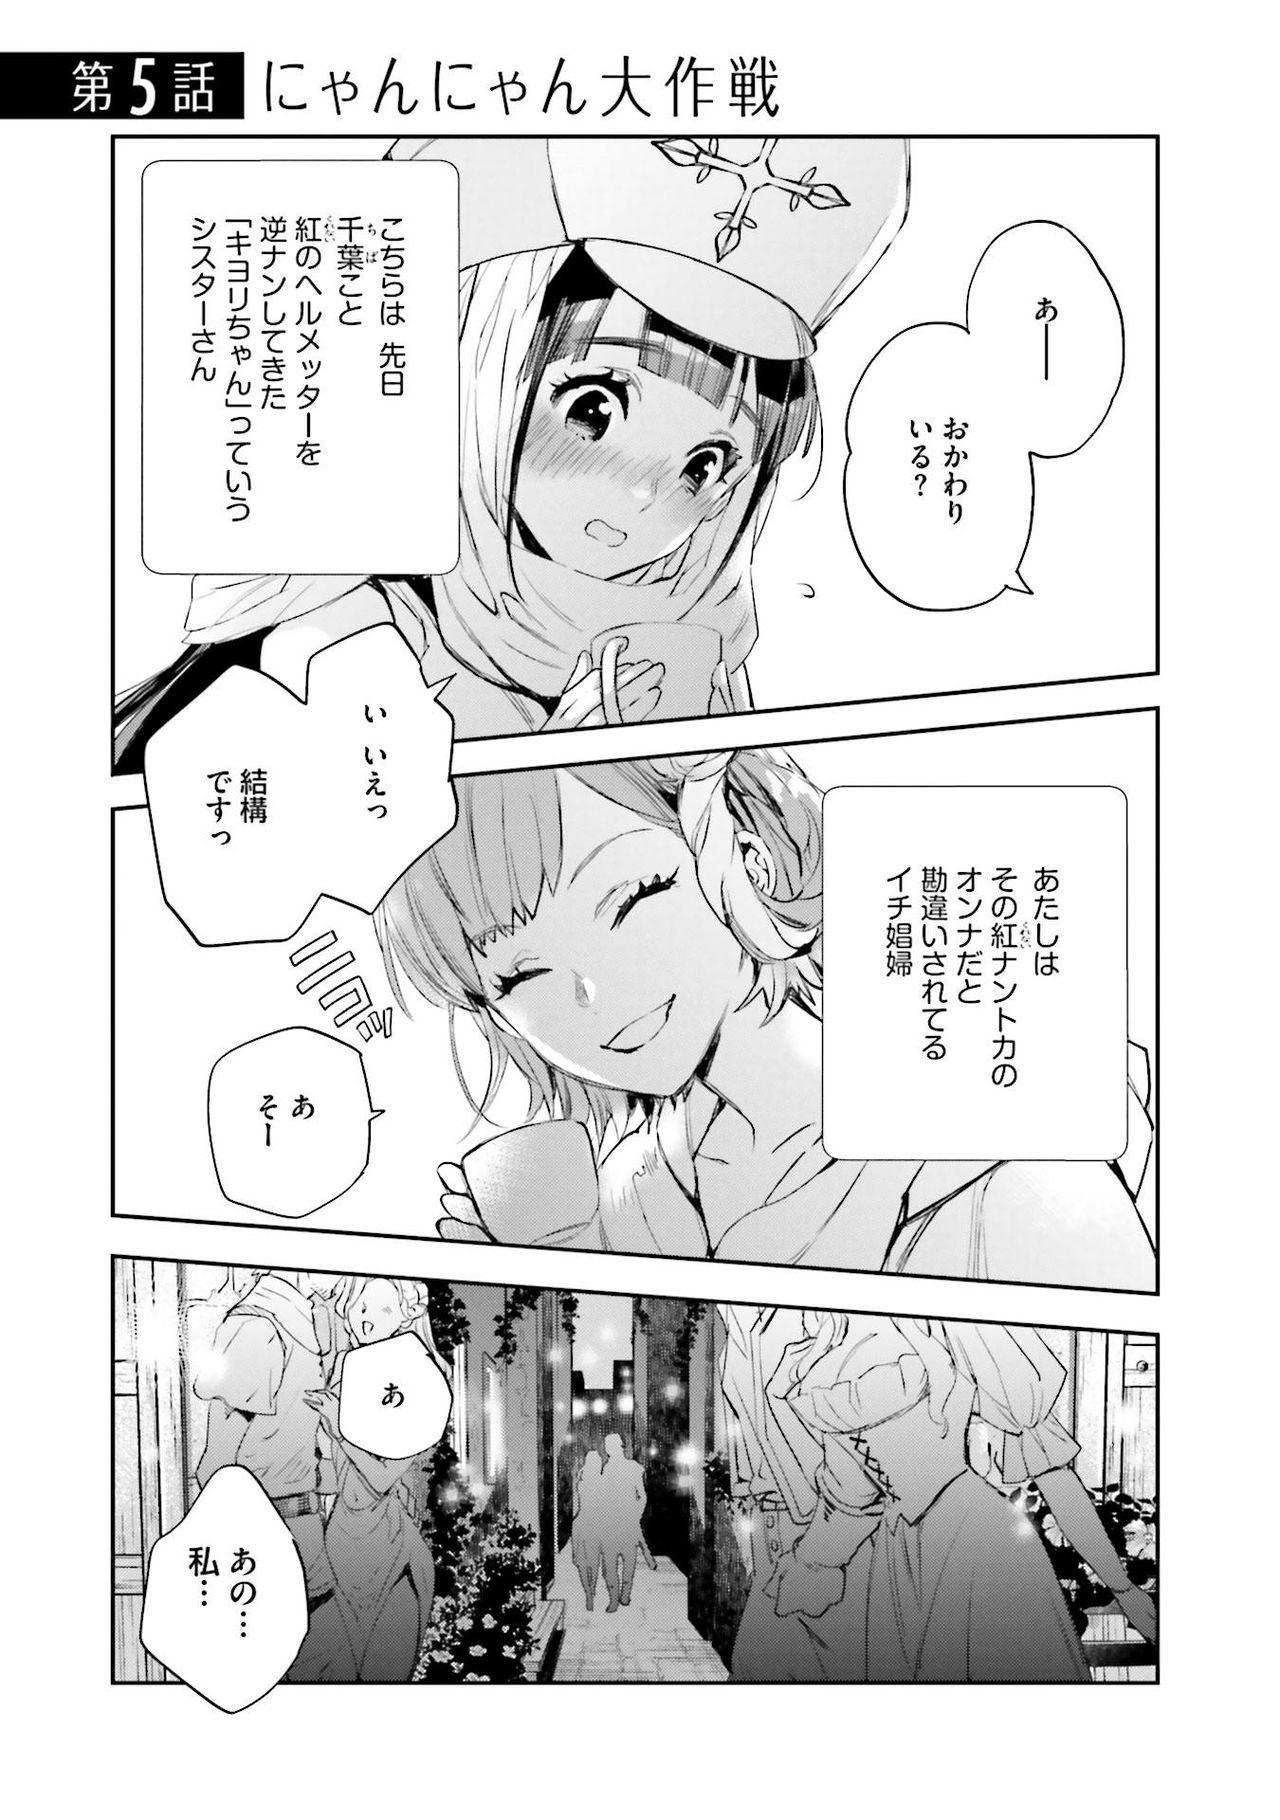 JK Haru wa Isekai de Shoufu ni Natta 1-14 191